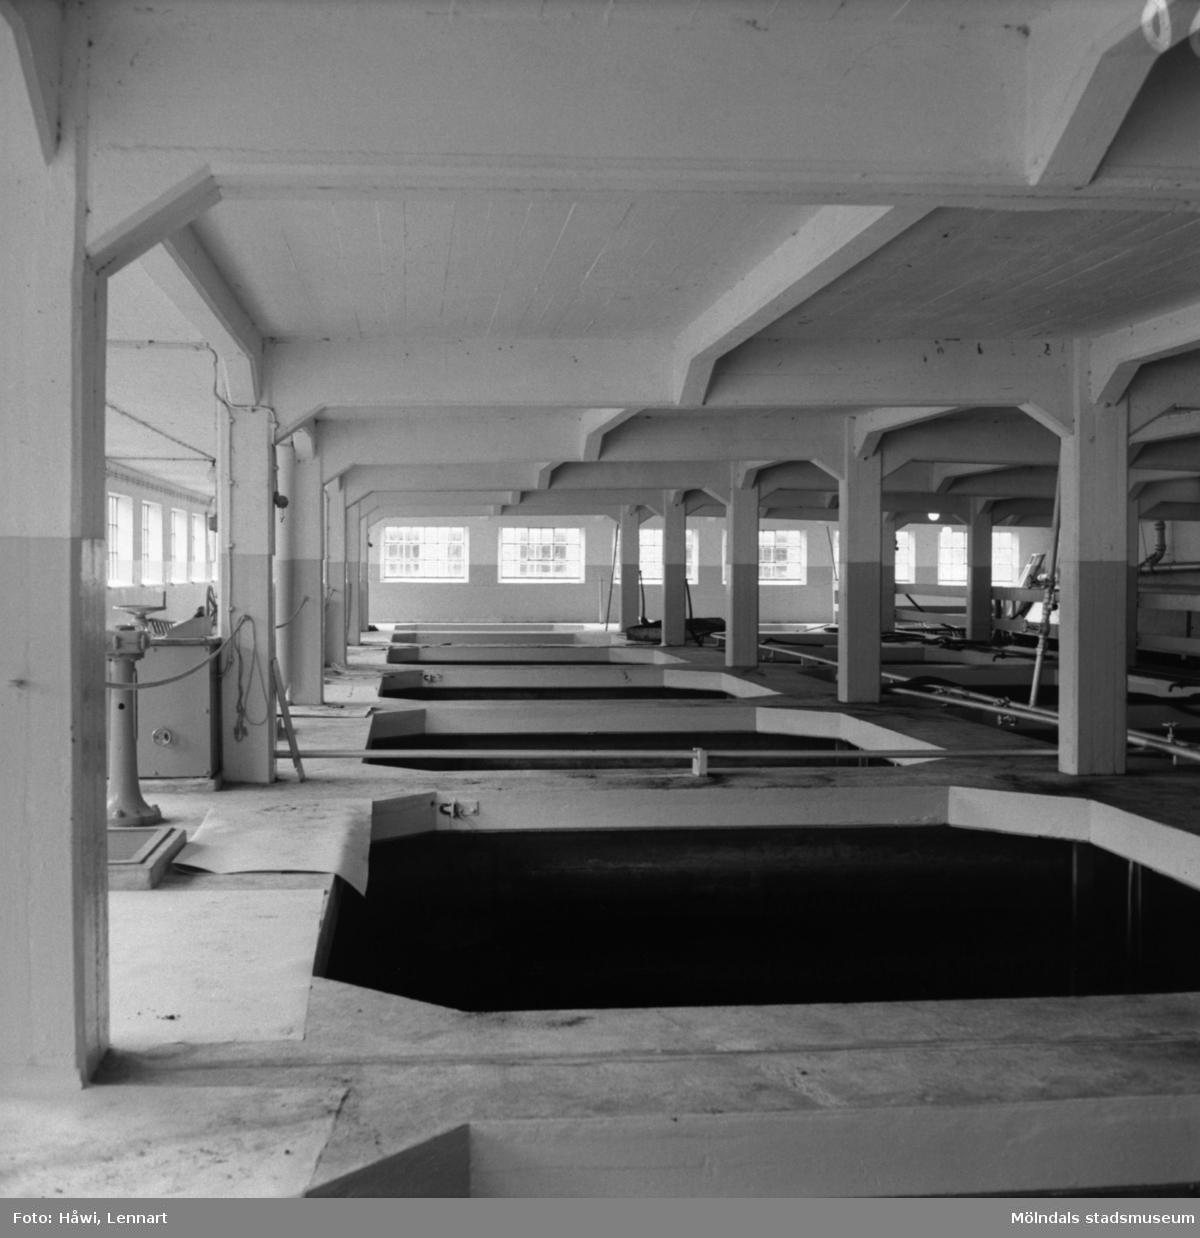 Interiörfotografi från vattenreningen på Papyrus i Mölndal, 6/5 1955.